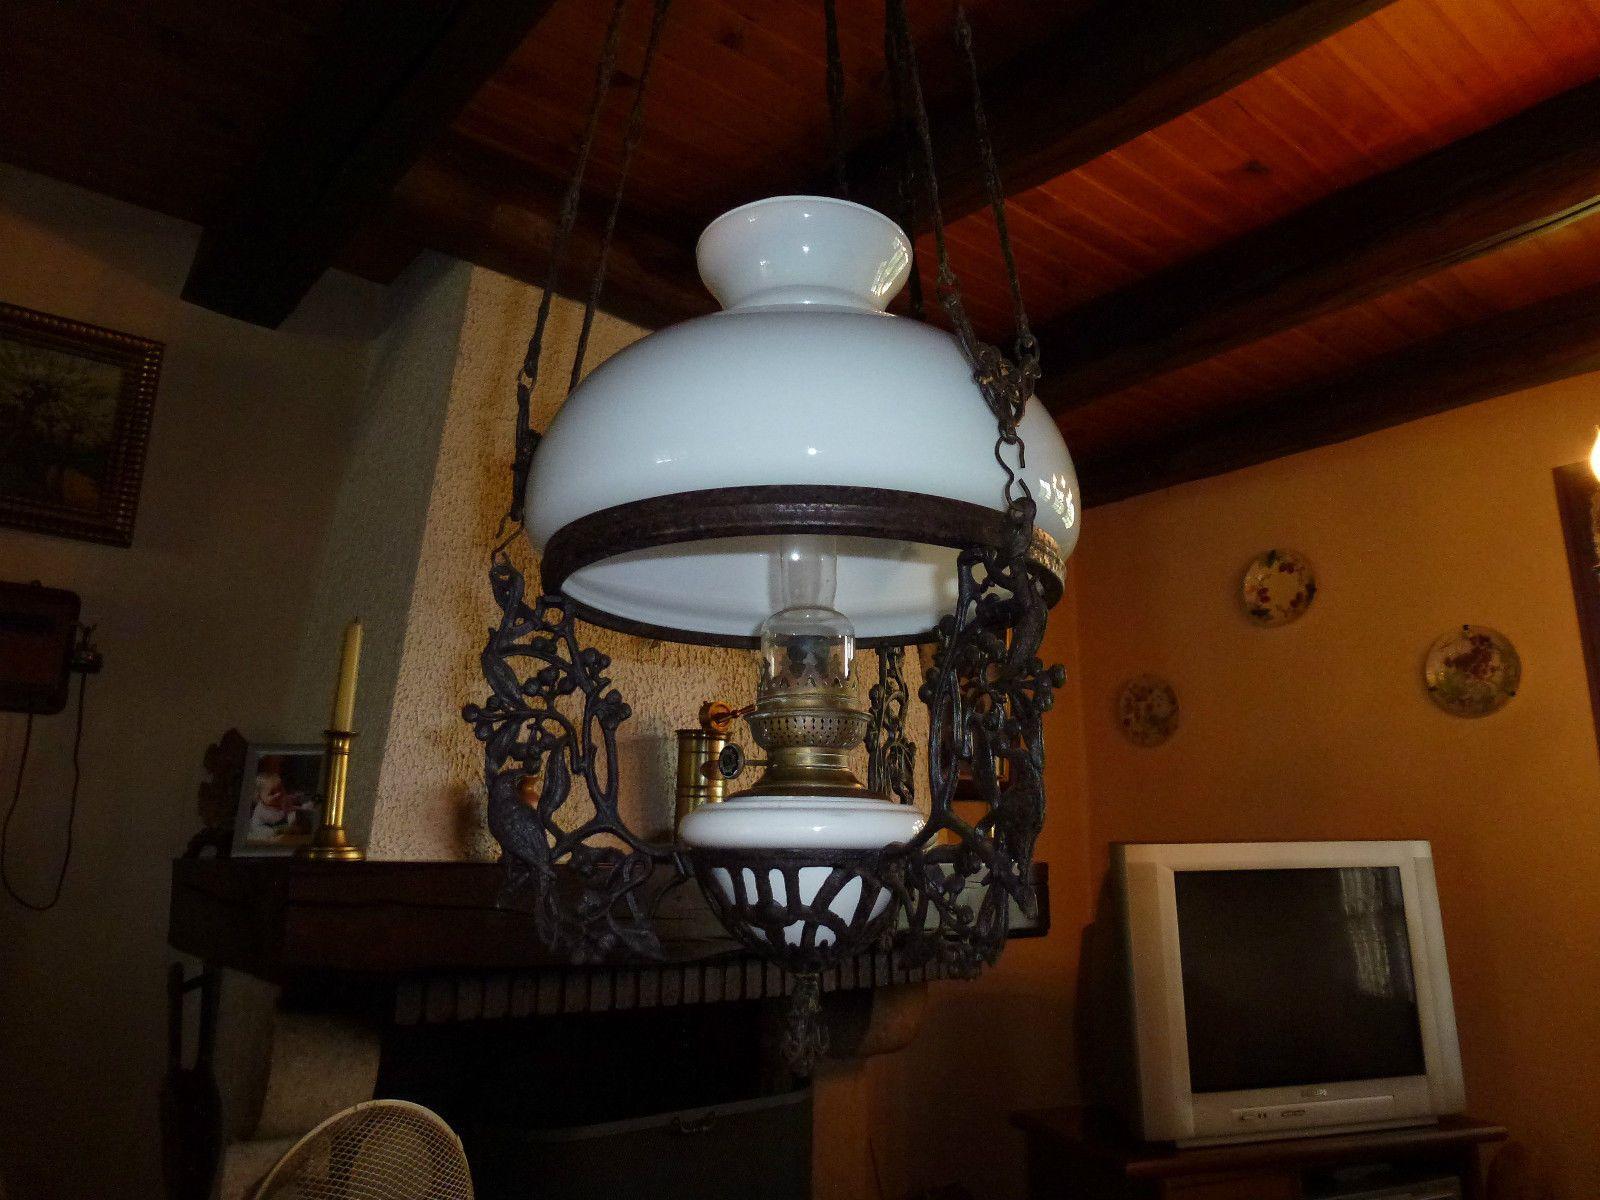 ancien lustre suspension a petrole du xix me eur 180 00 picclick fr luminaires pinterest. Black Bedroom Furniture Sets. Home Design Ideas